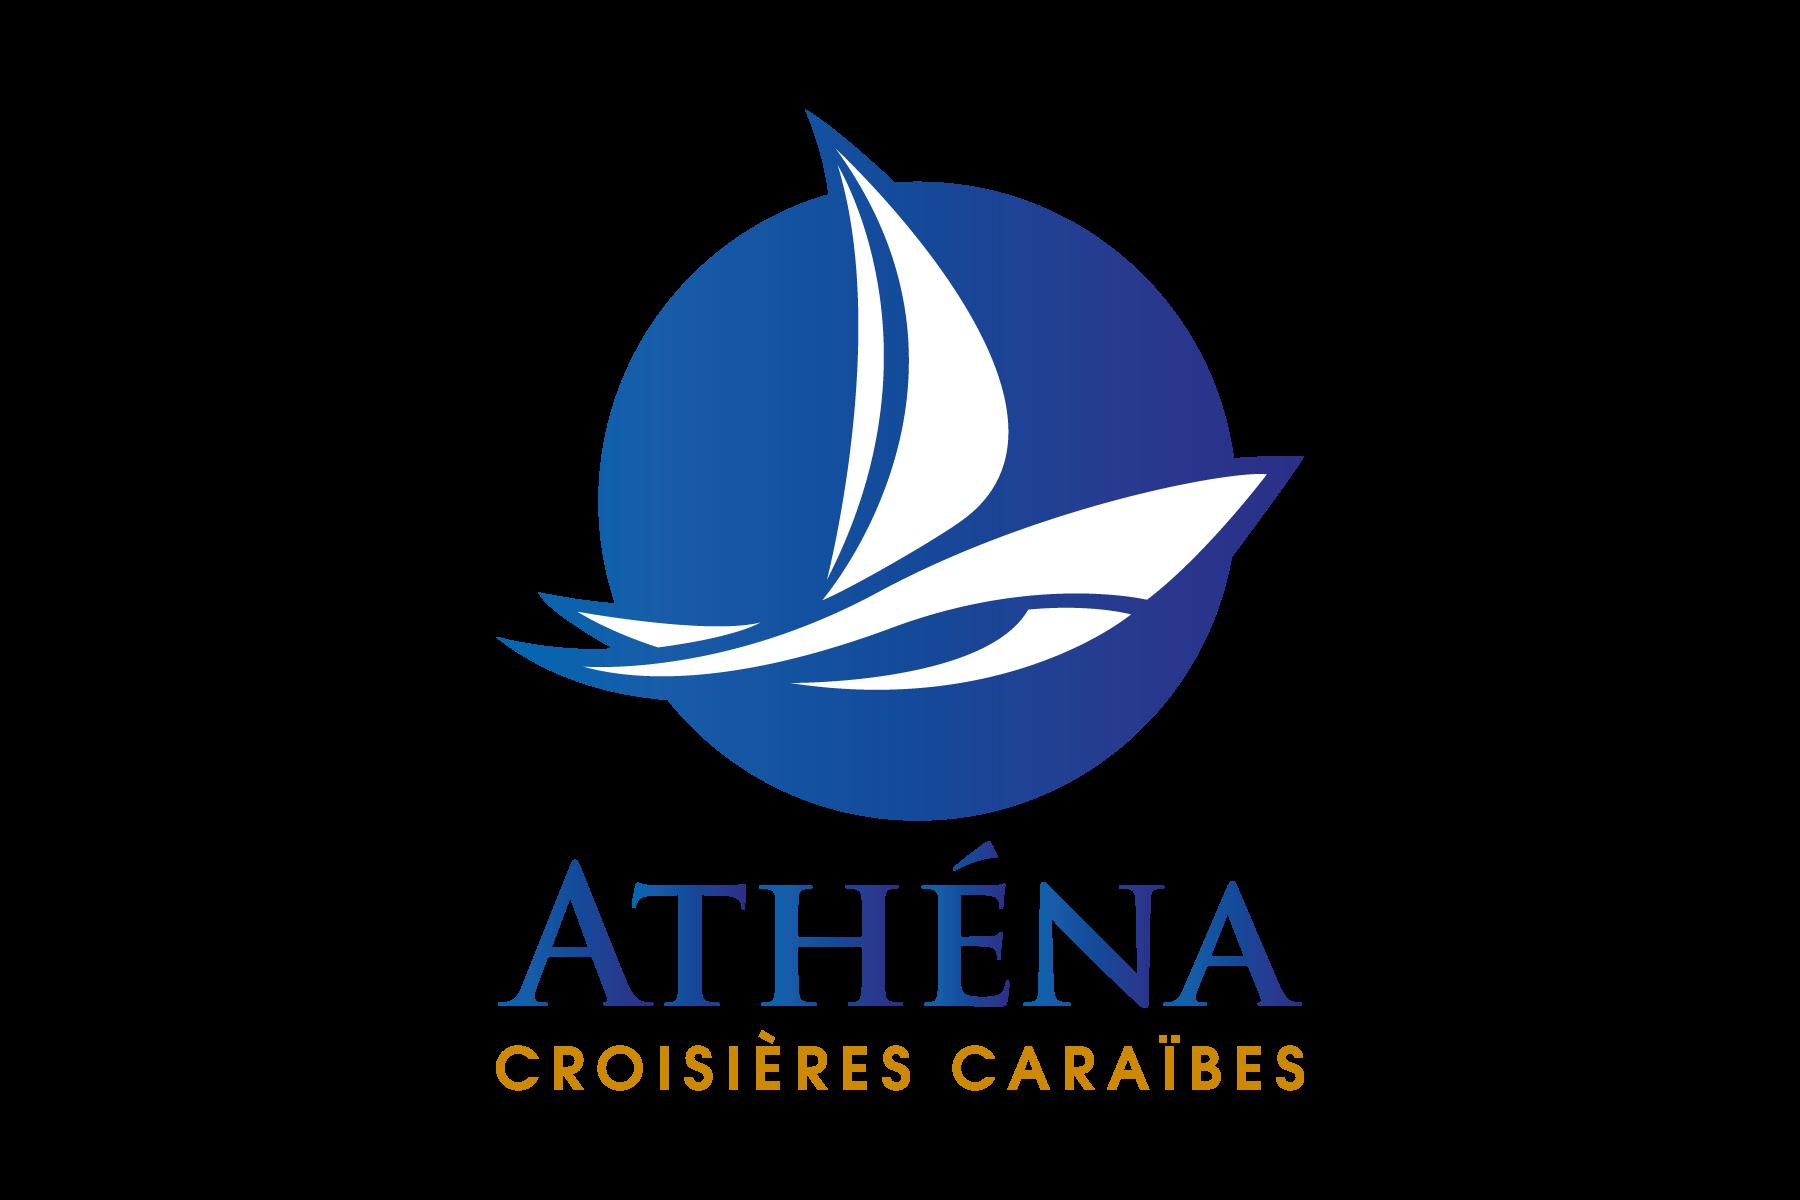 Athéna Croisières Caraïbes